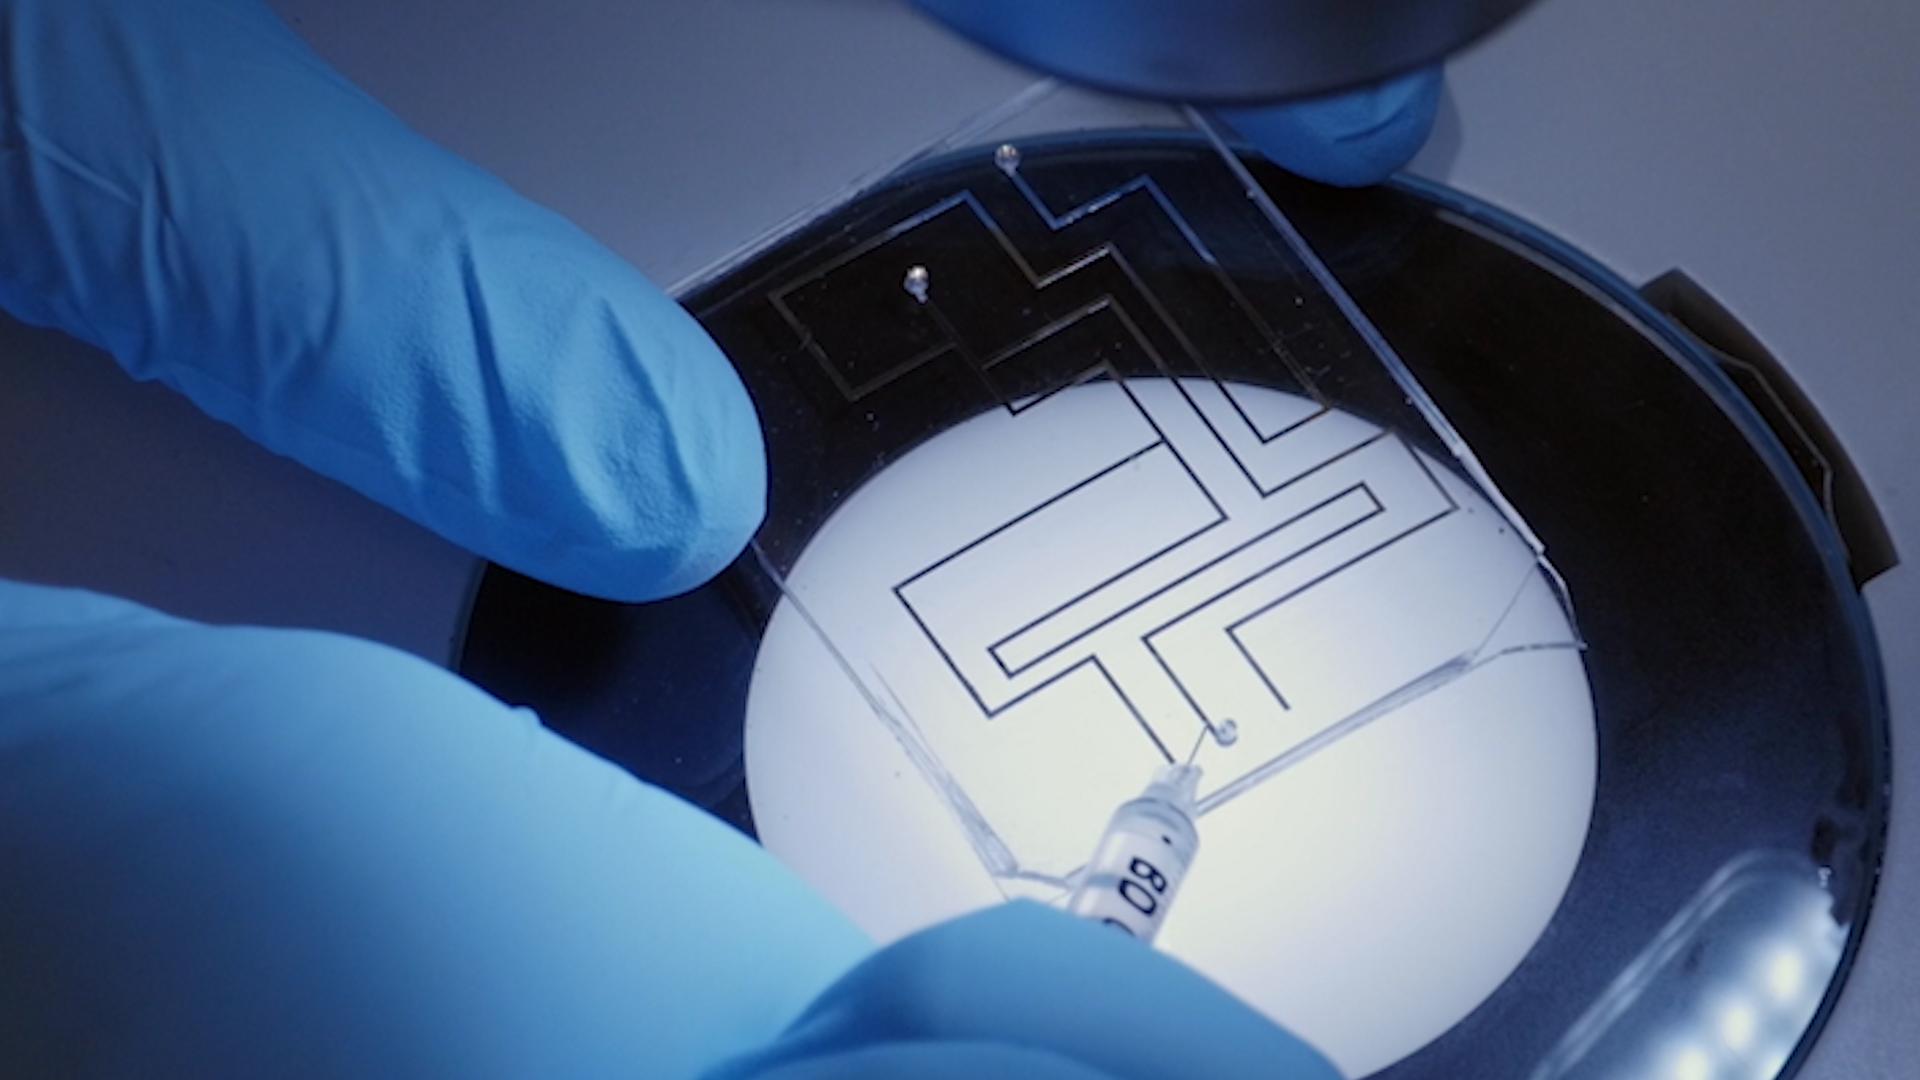 방법은 표면 산화와 환원을 통해 액체 금속의 표면 장력을 조작